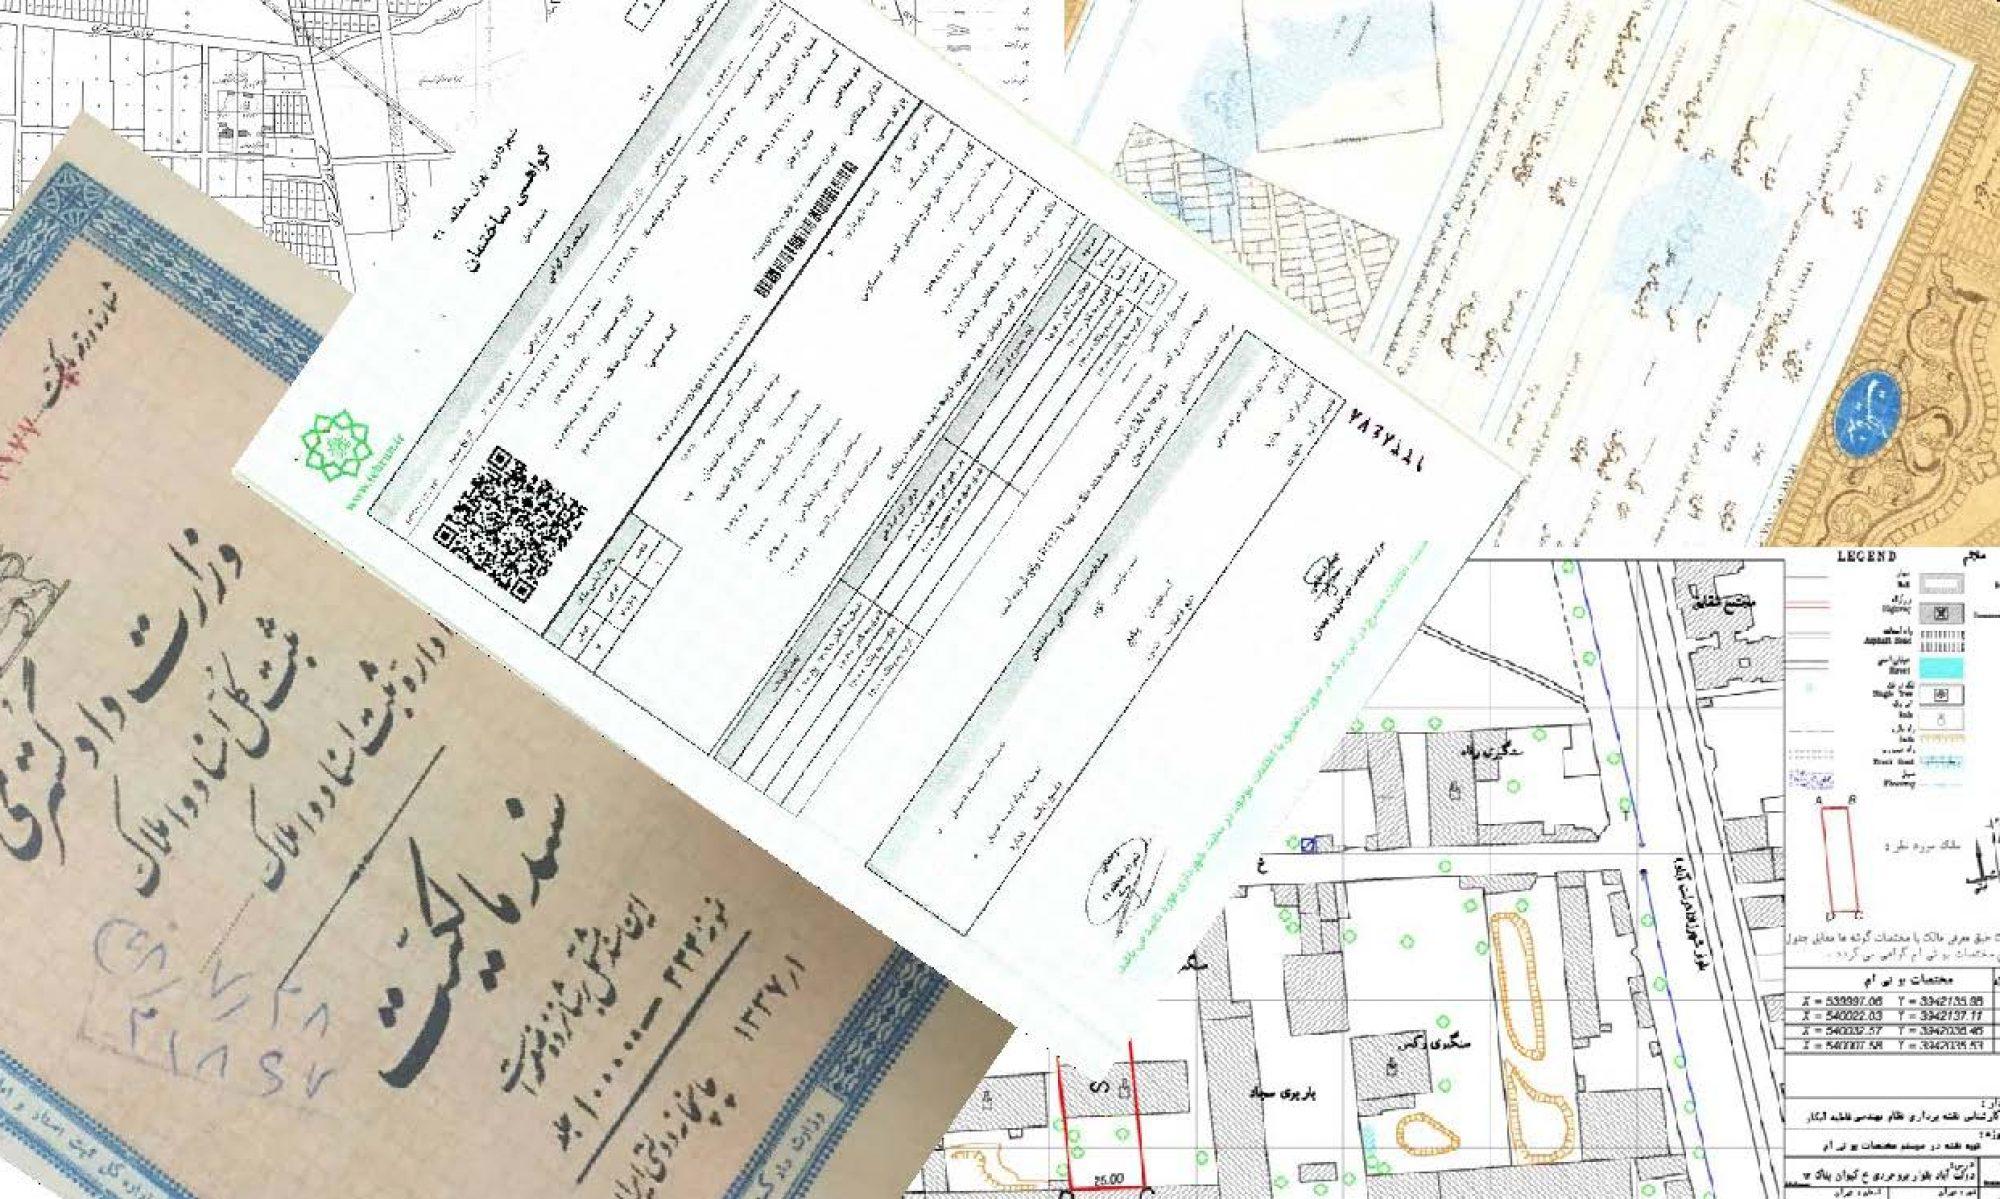 کارشناس رسمی دادگستری امور ثبتی نقشه برداری